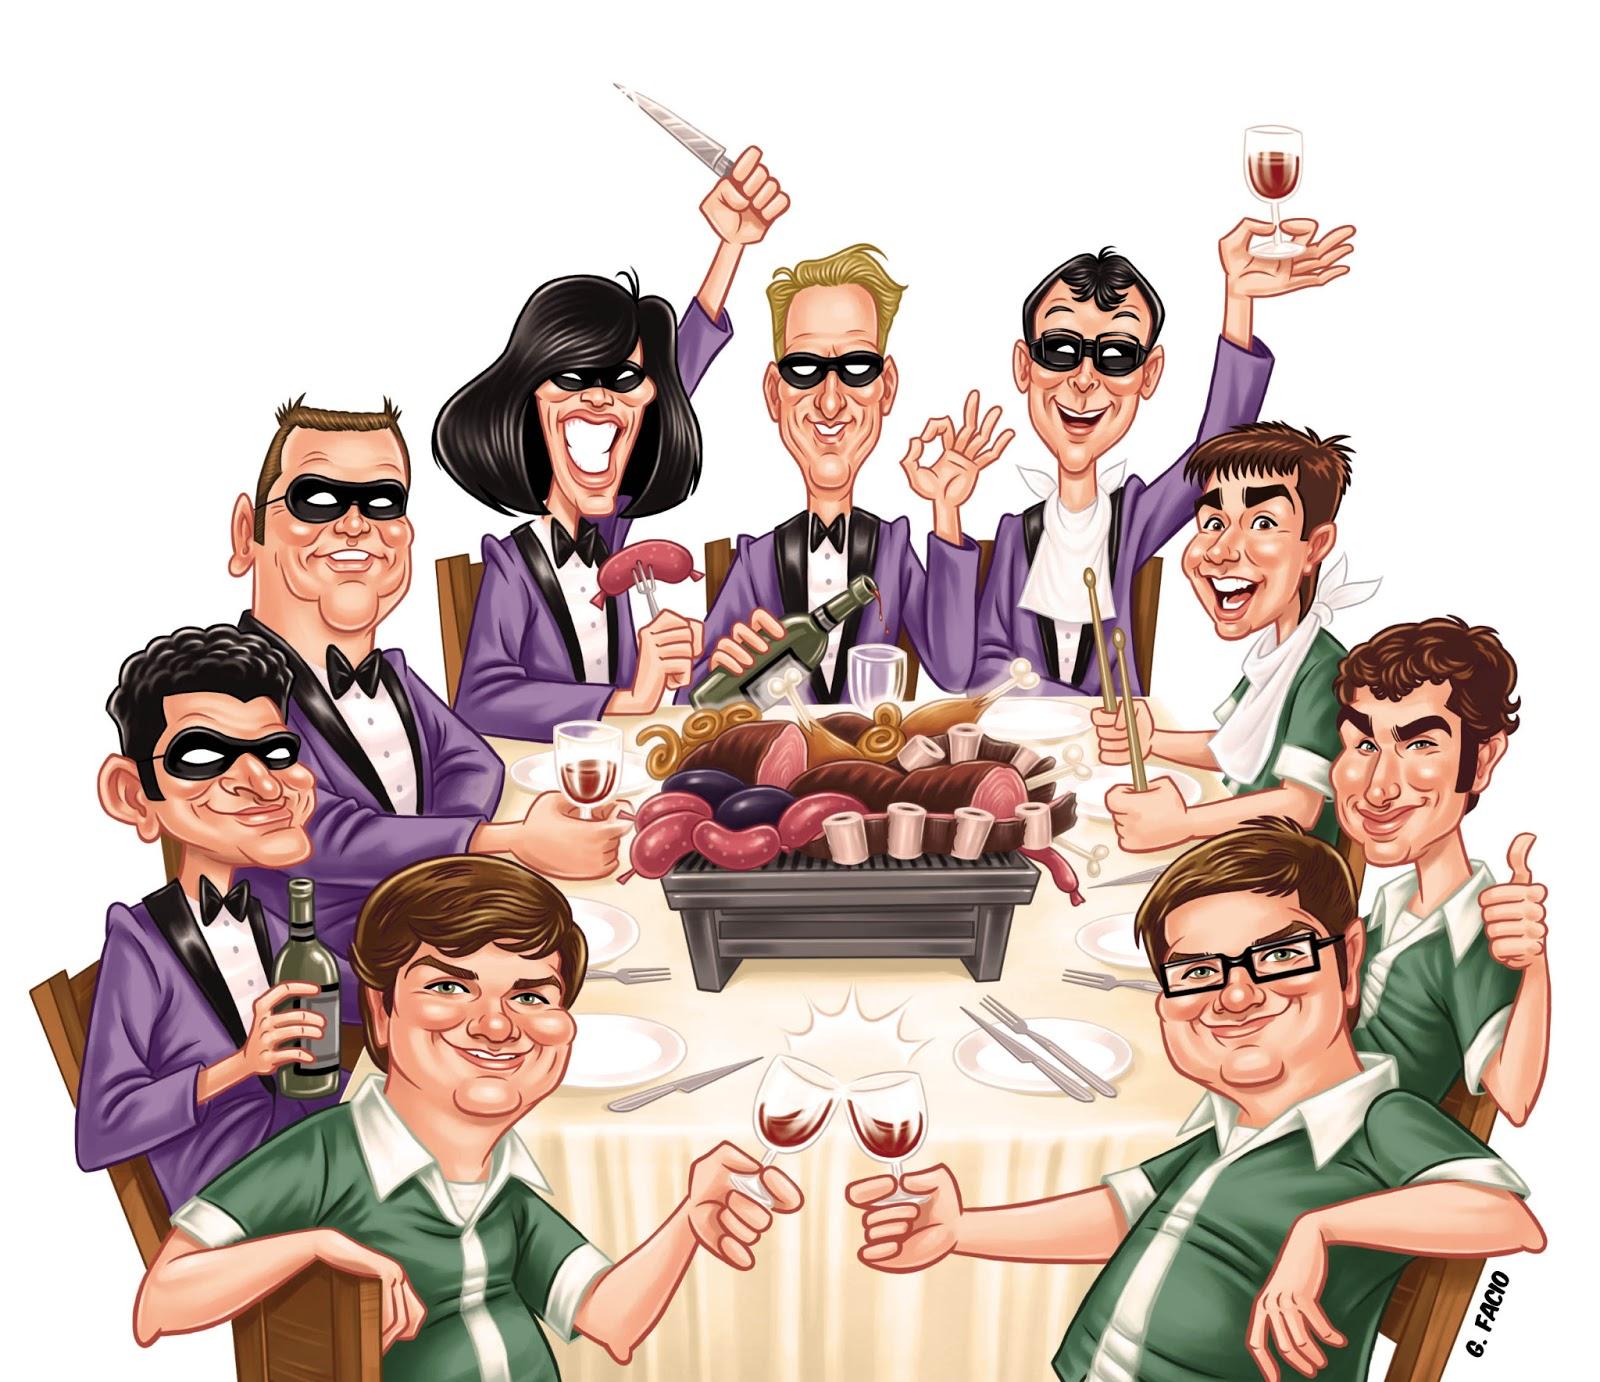 The Mattless Boys - The Mattless Boys